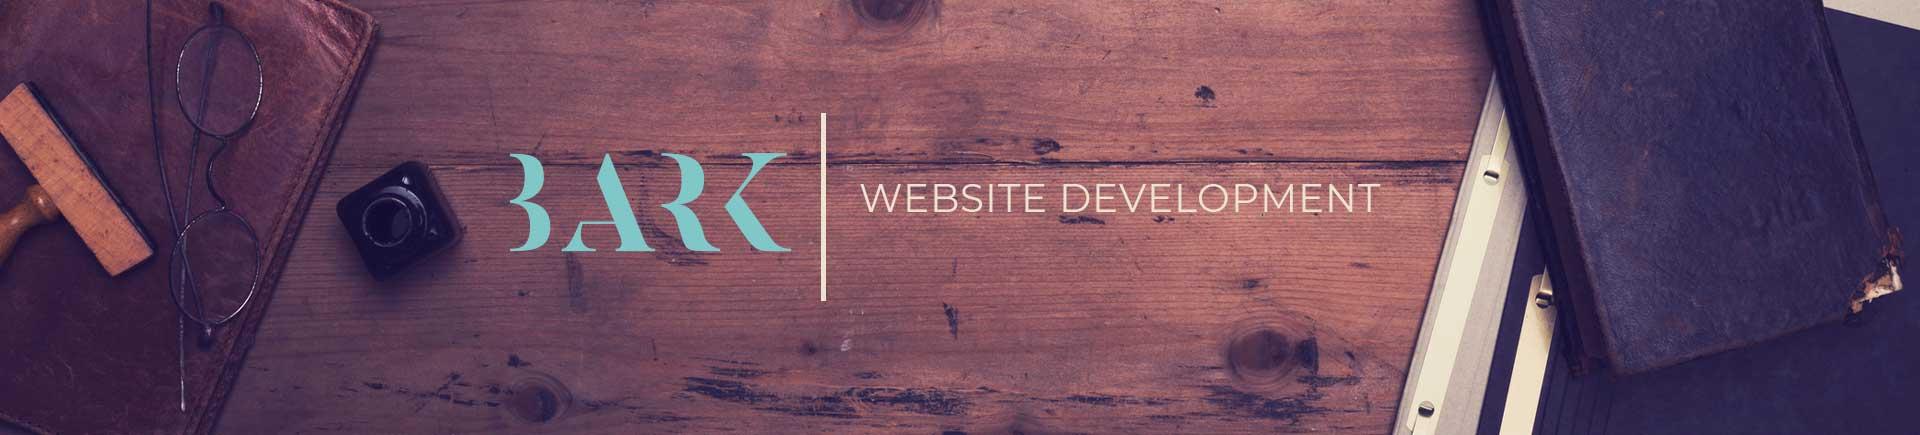 website development for businesses